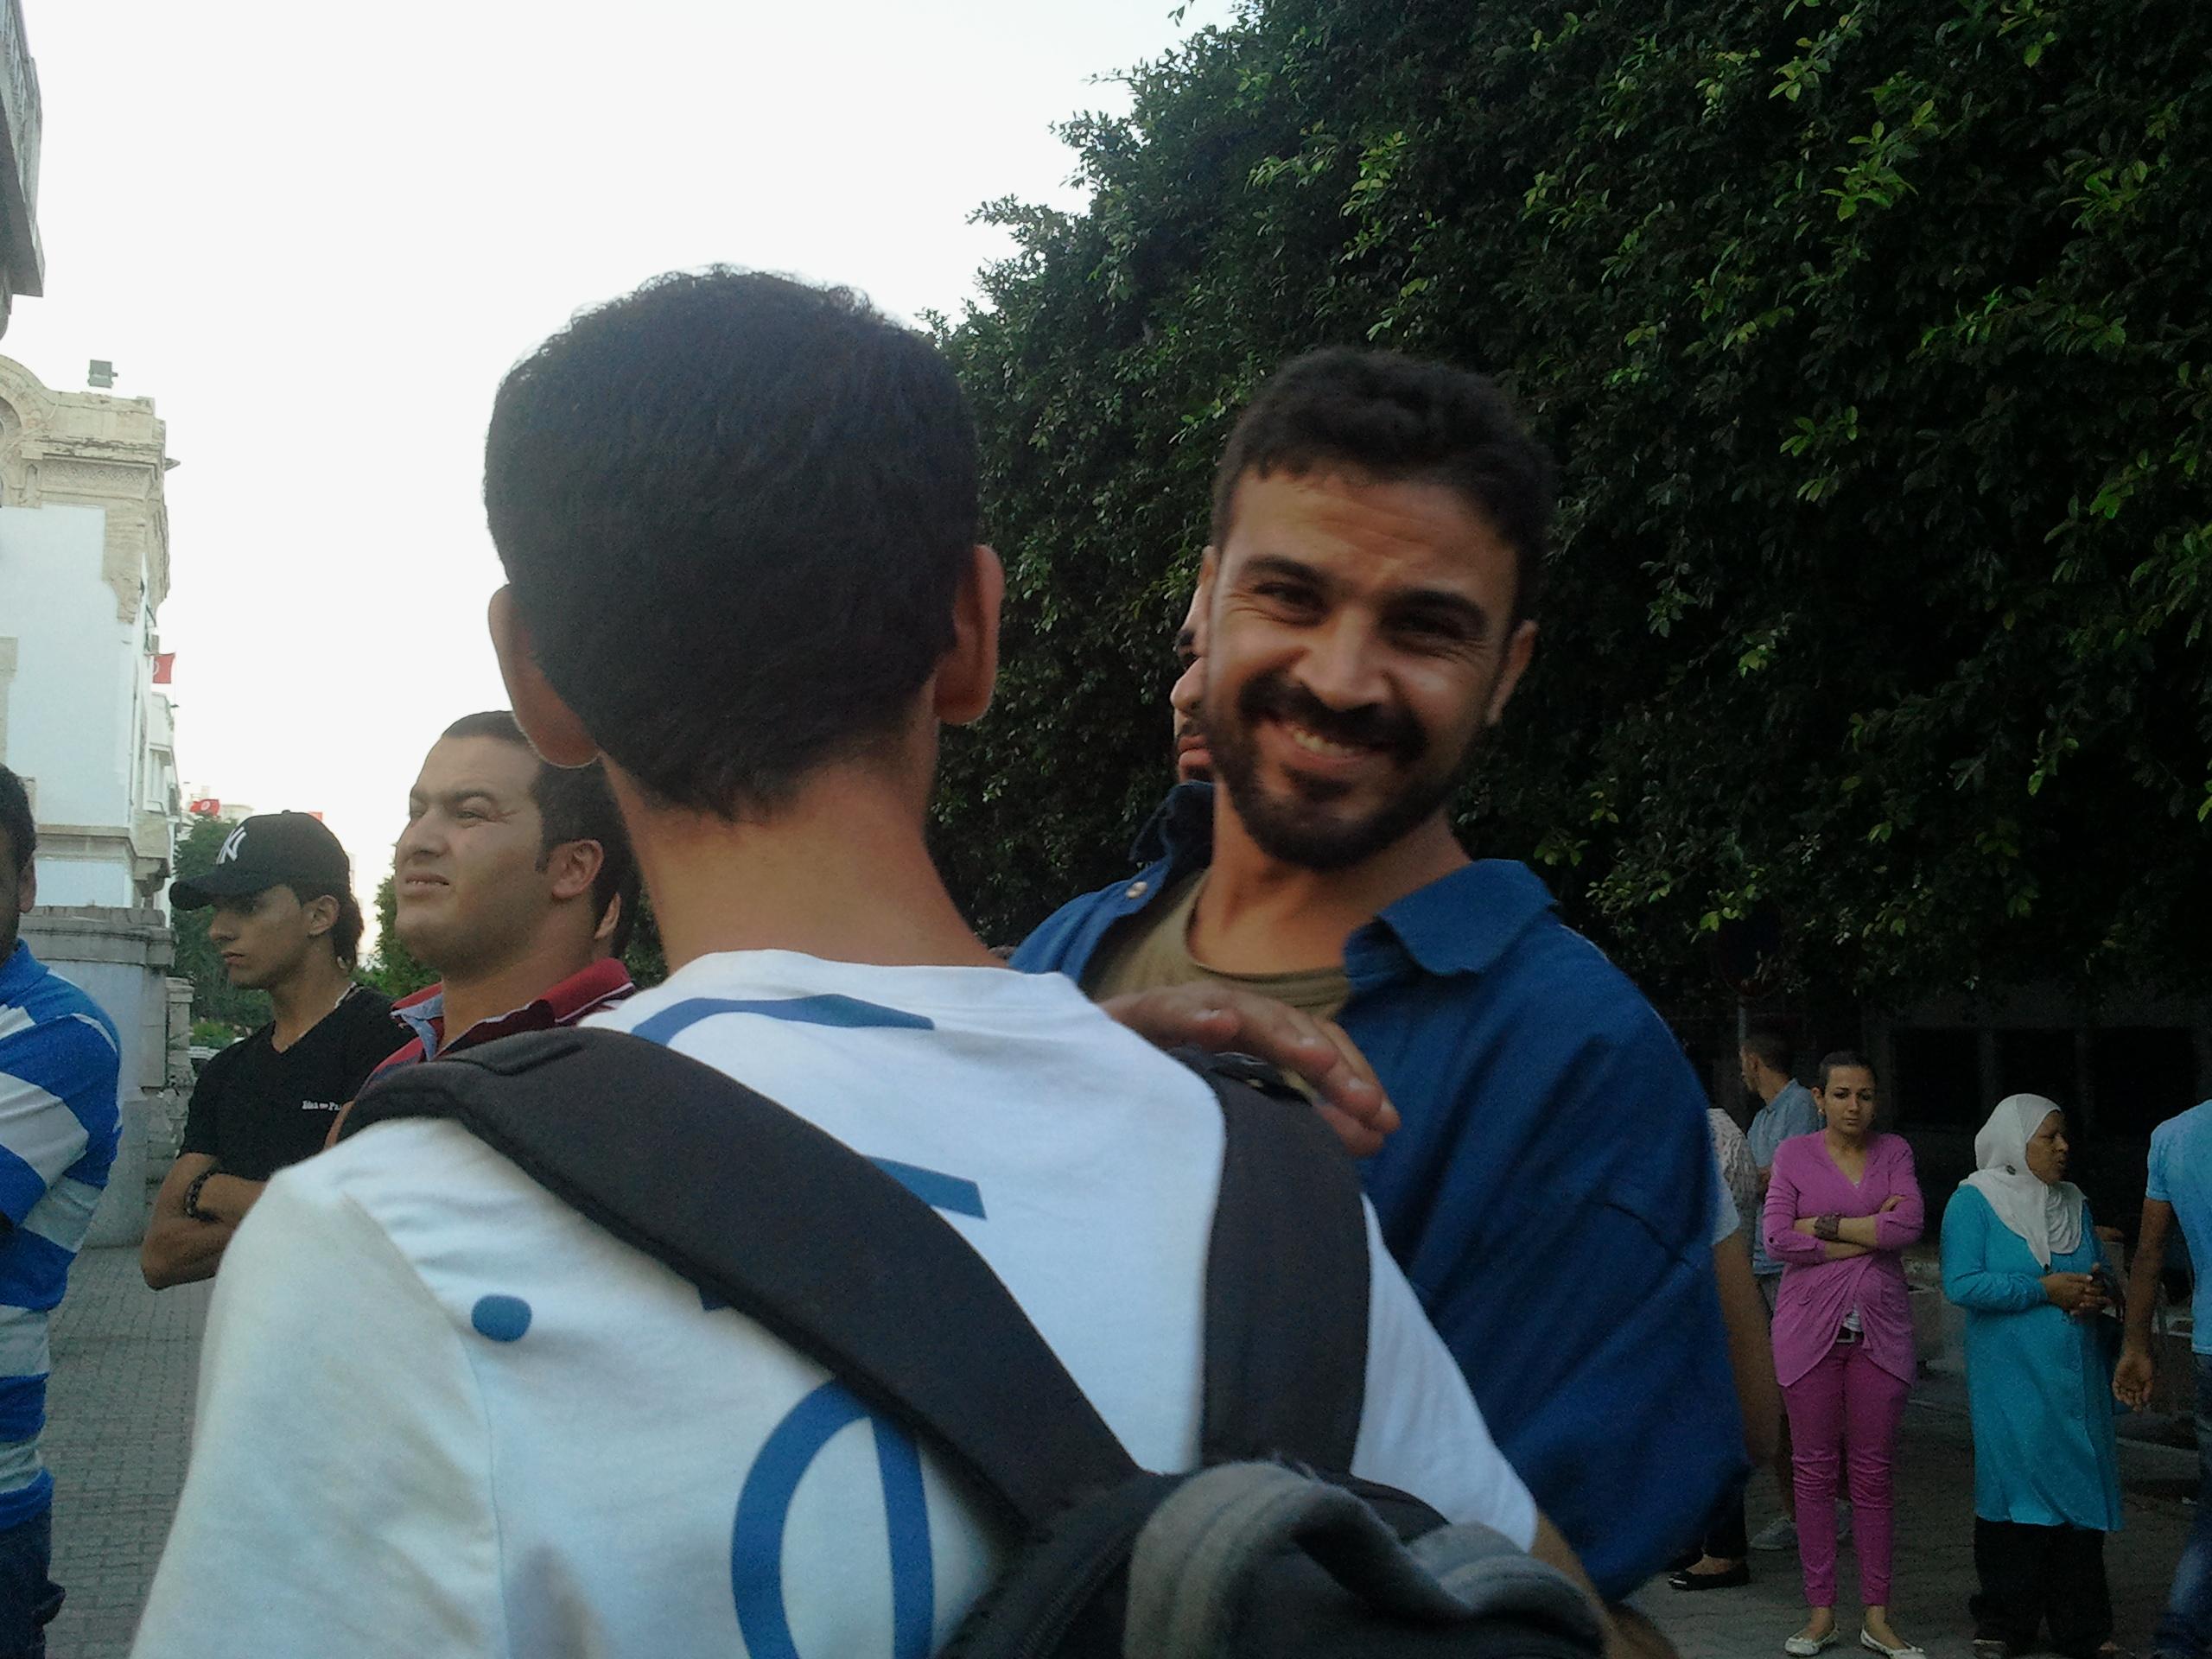 Nejib Abidi esce in libertà provvisoria il 26 settembre 2013 Foto di Patrizia Mancini